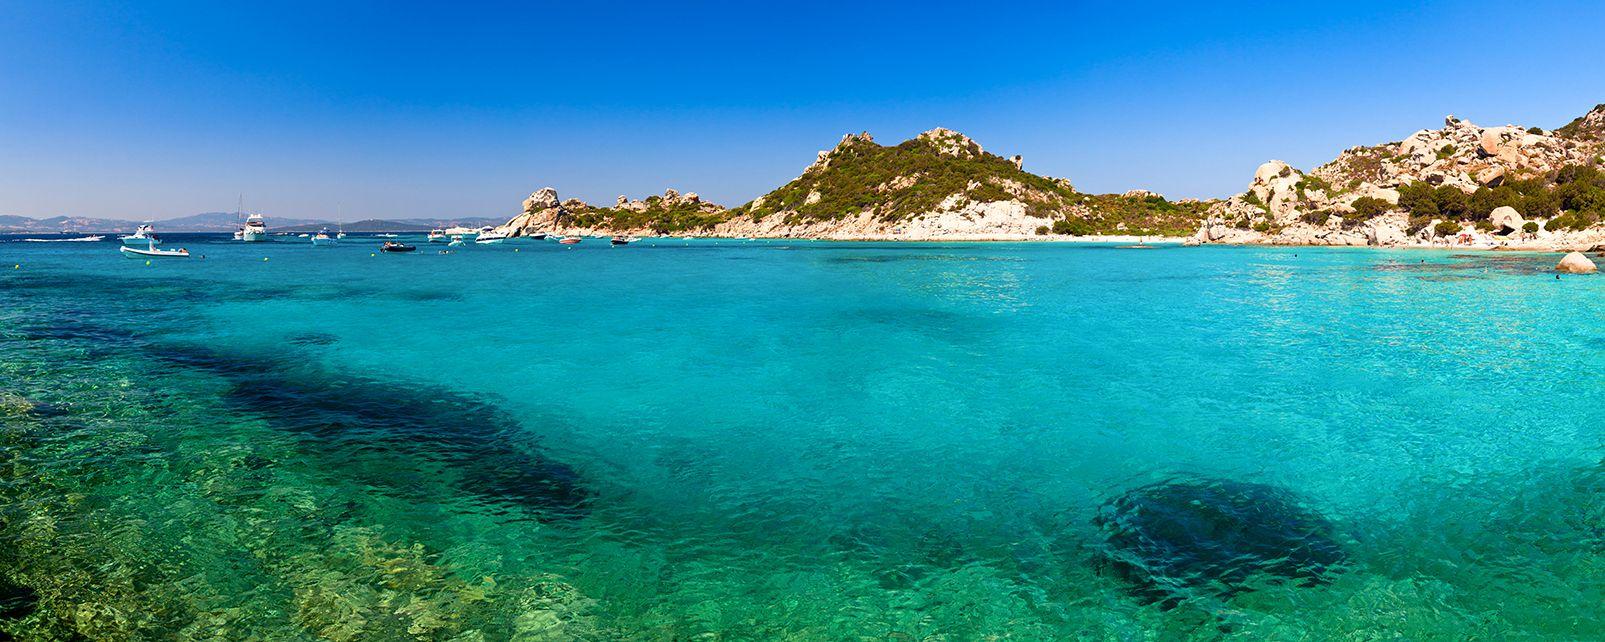 L'archipel de la Maddalena , Efecto laguna en La Maddalena , Italia